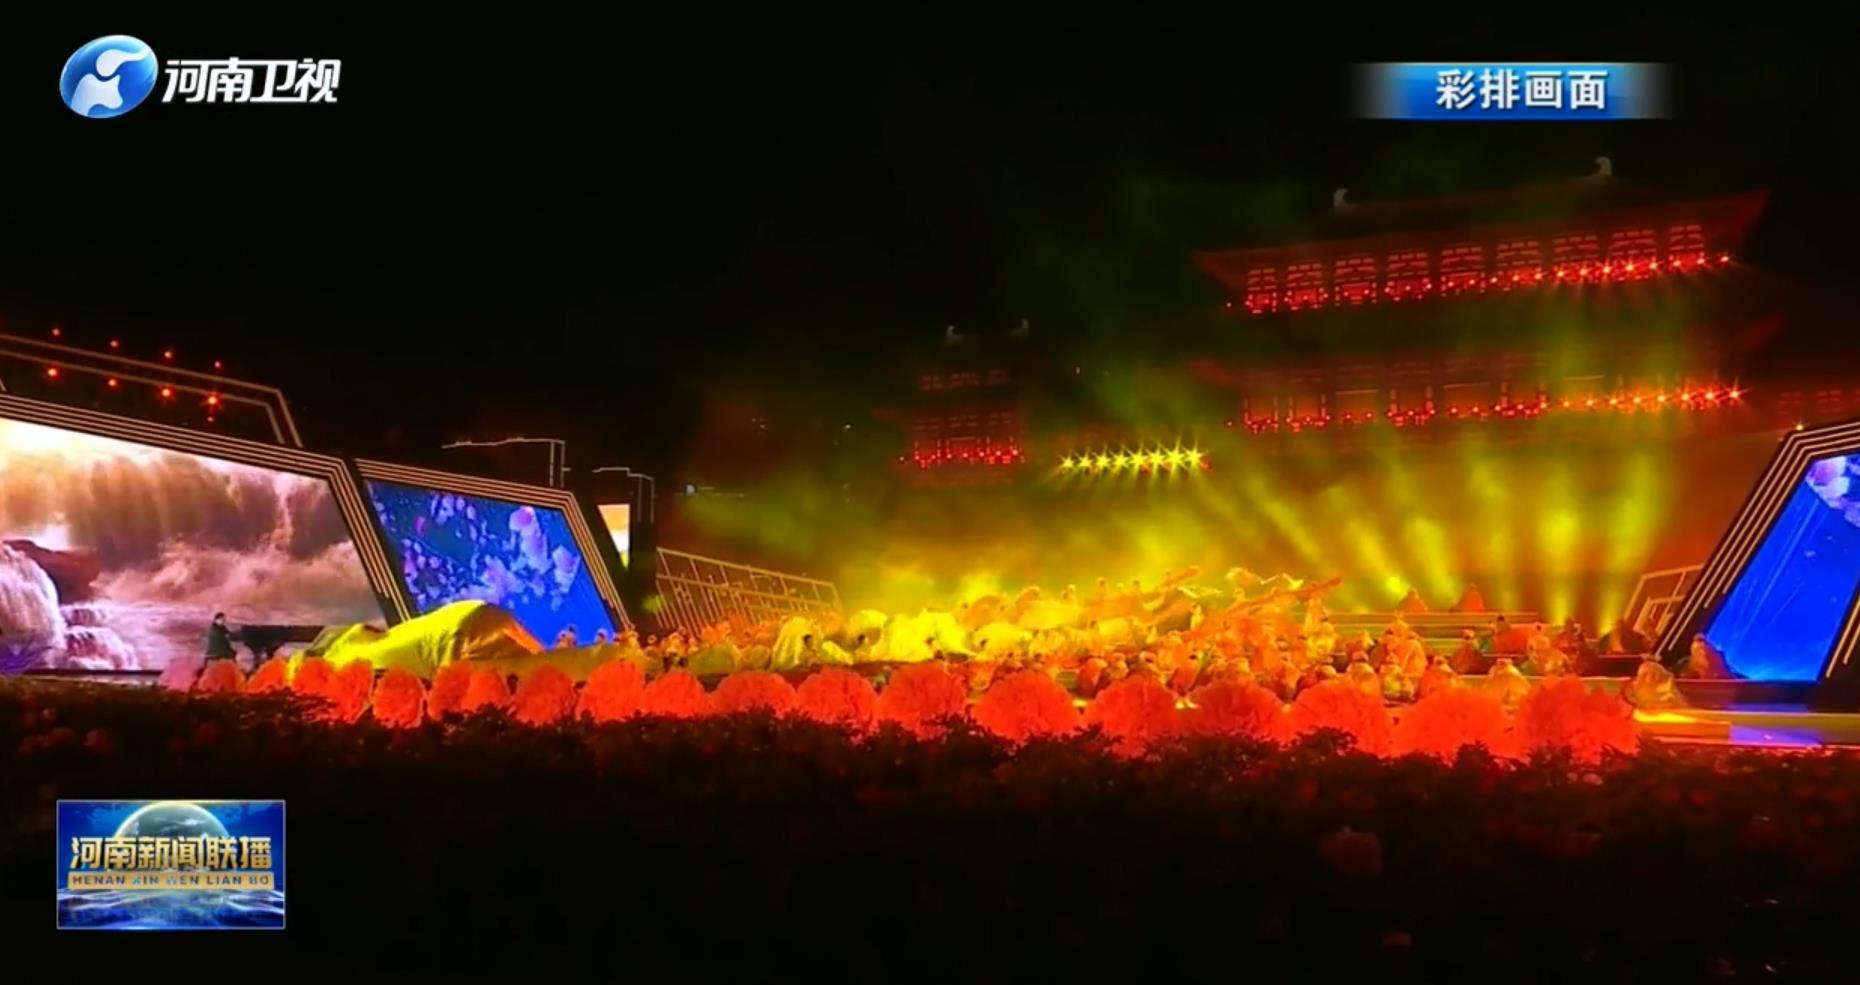 第39届中国洛阳牡丹文化节开幕式今晚举行